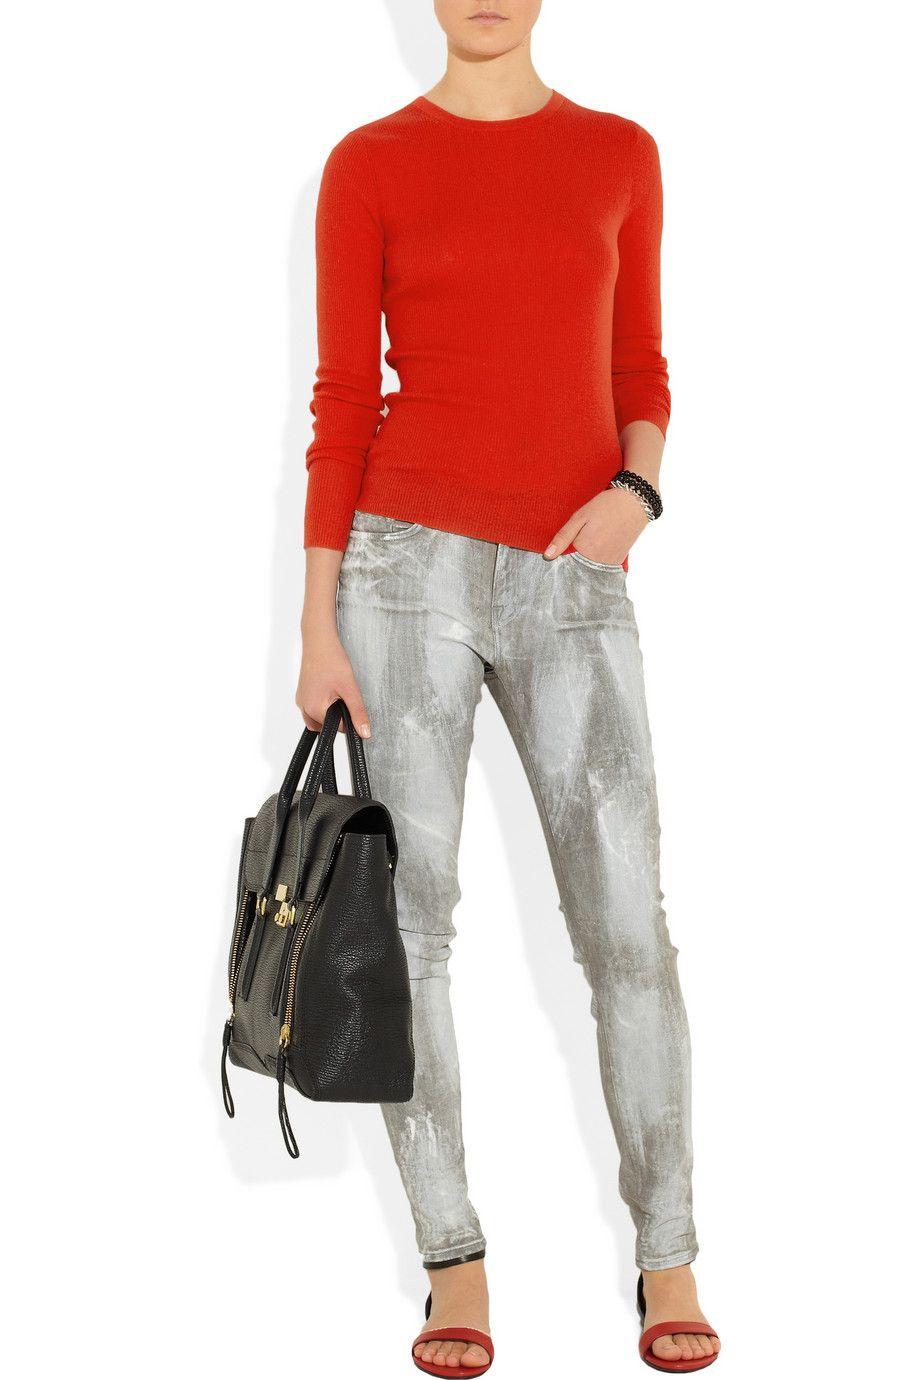 Michael Kors|Ribbed cashmere sweater|NET-A-PORTER.COM